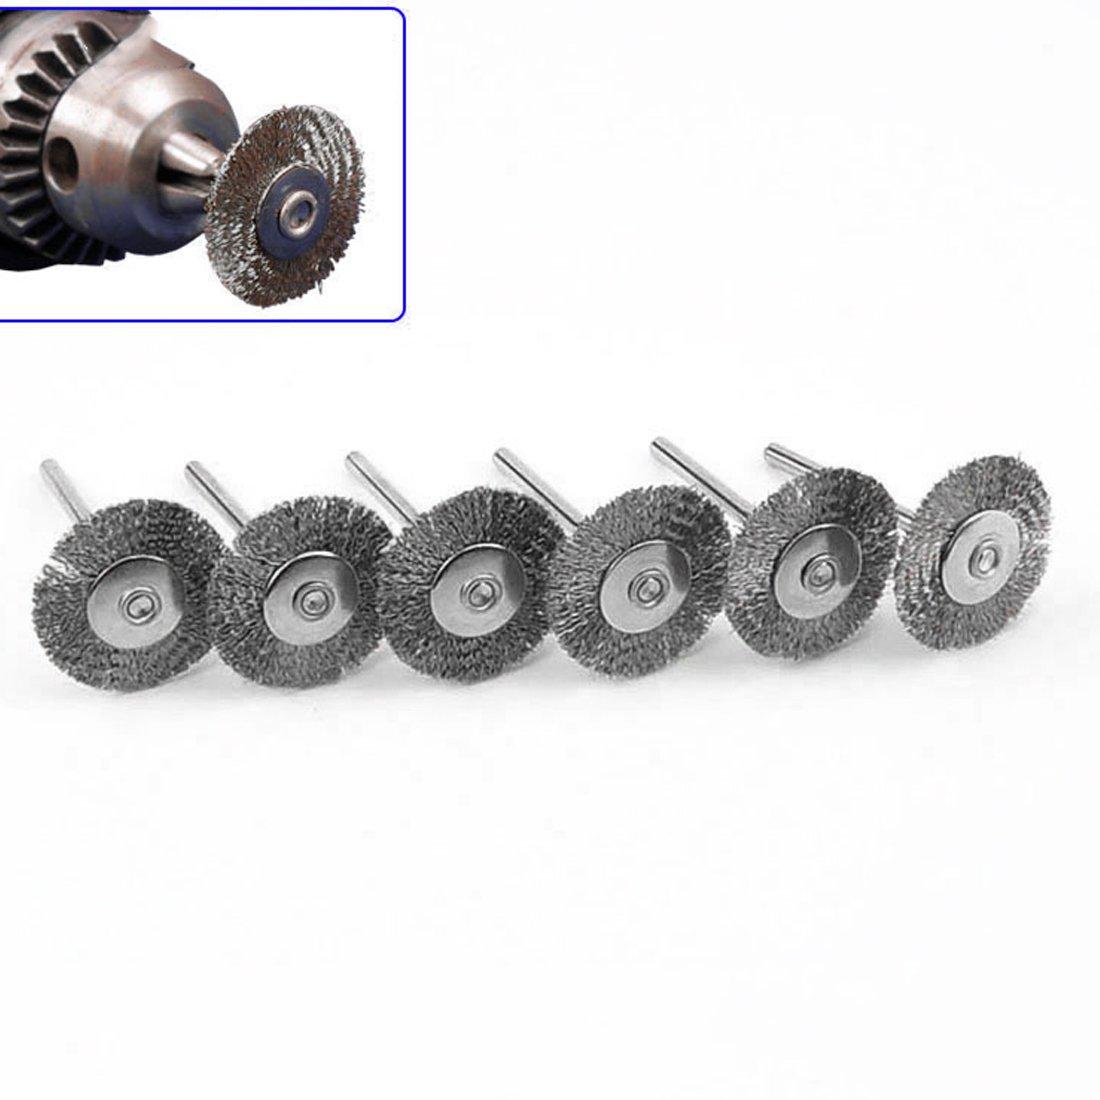 Cepillo giratorio de acero Dremel Cepillos circulares de alambre para amoladora Herramienta giratoria para Mini perforador pulido 22mm 10Pcs